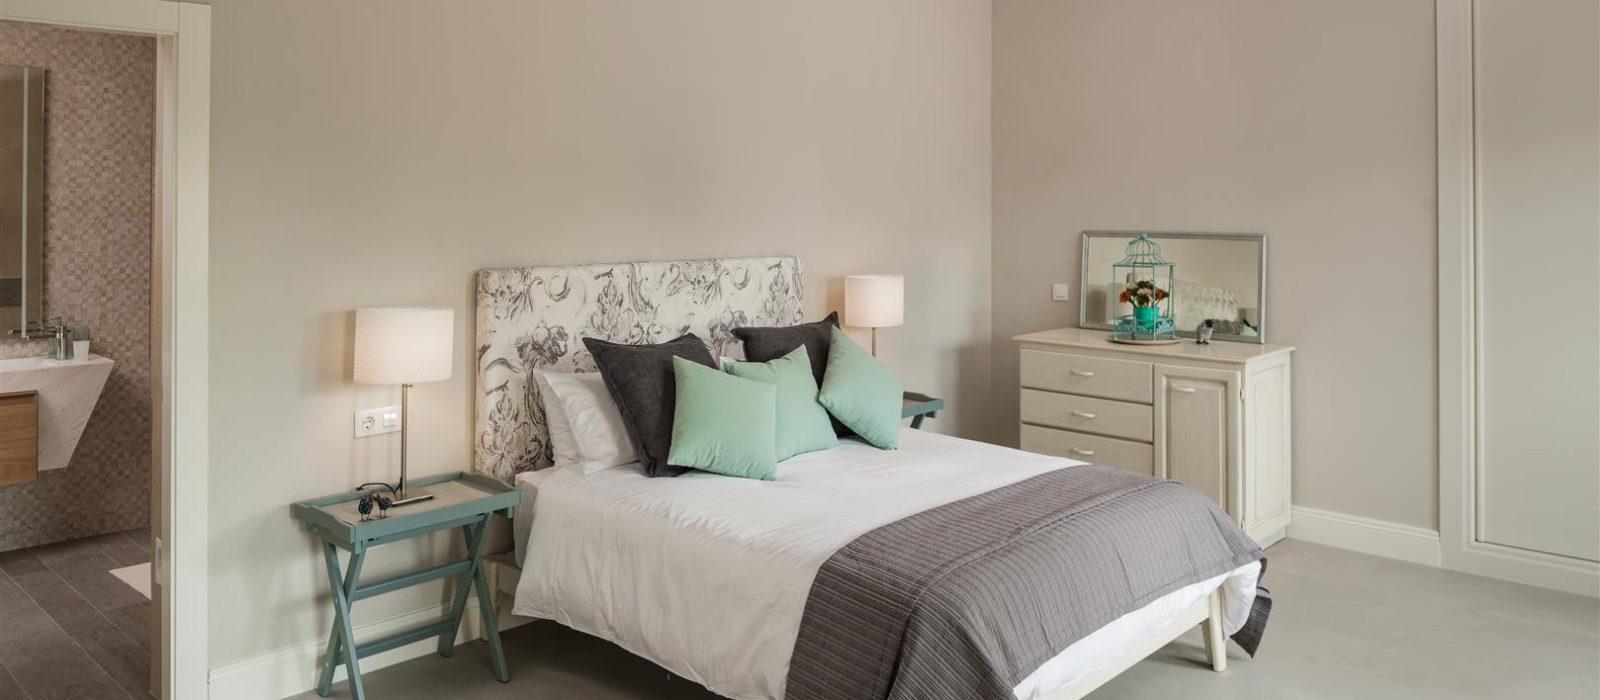 Villa La Sorpresa - Bedroom Luxury Villa Rental Marbella